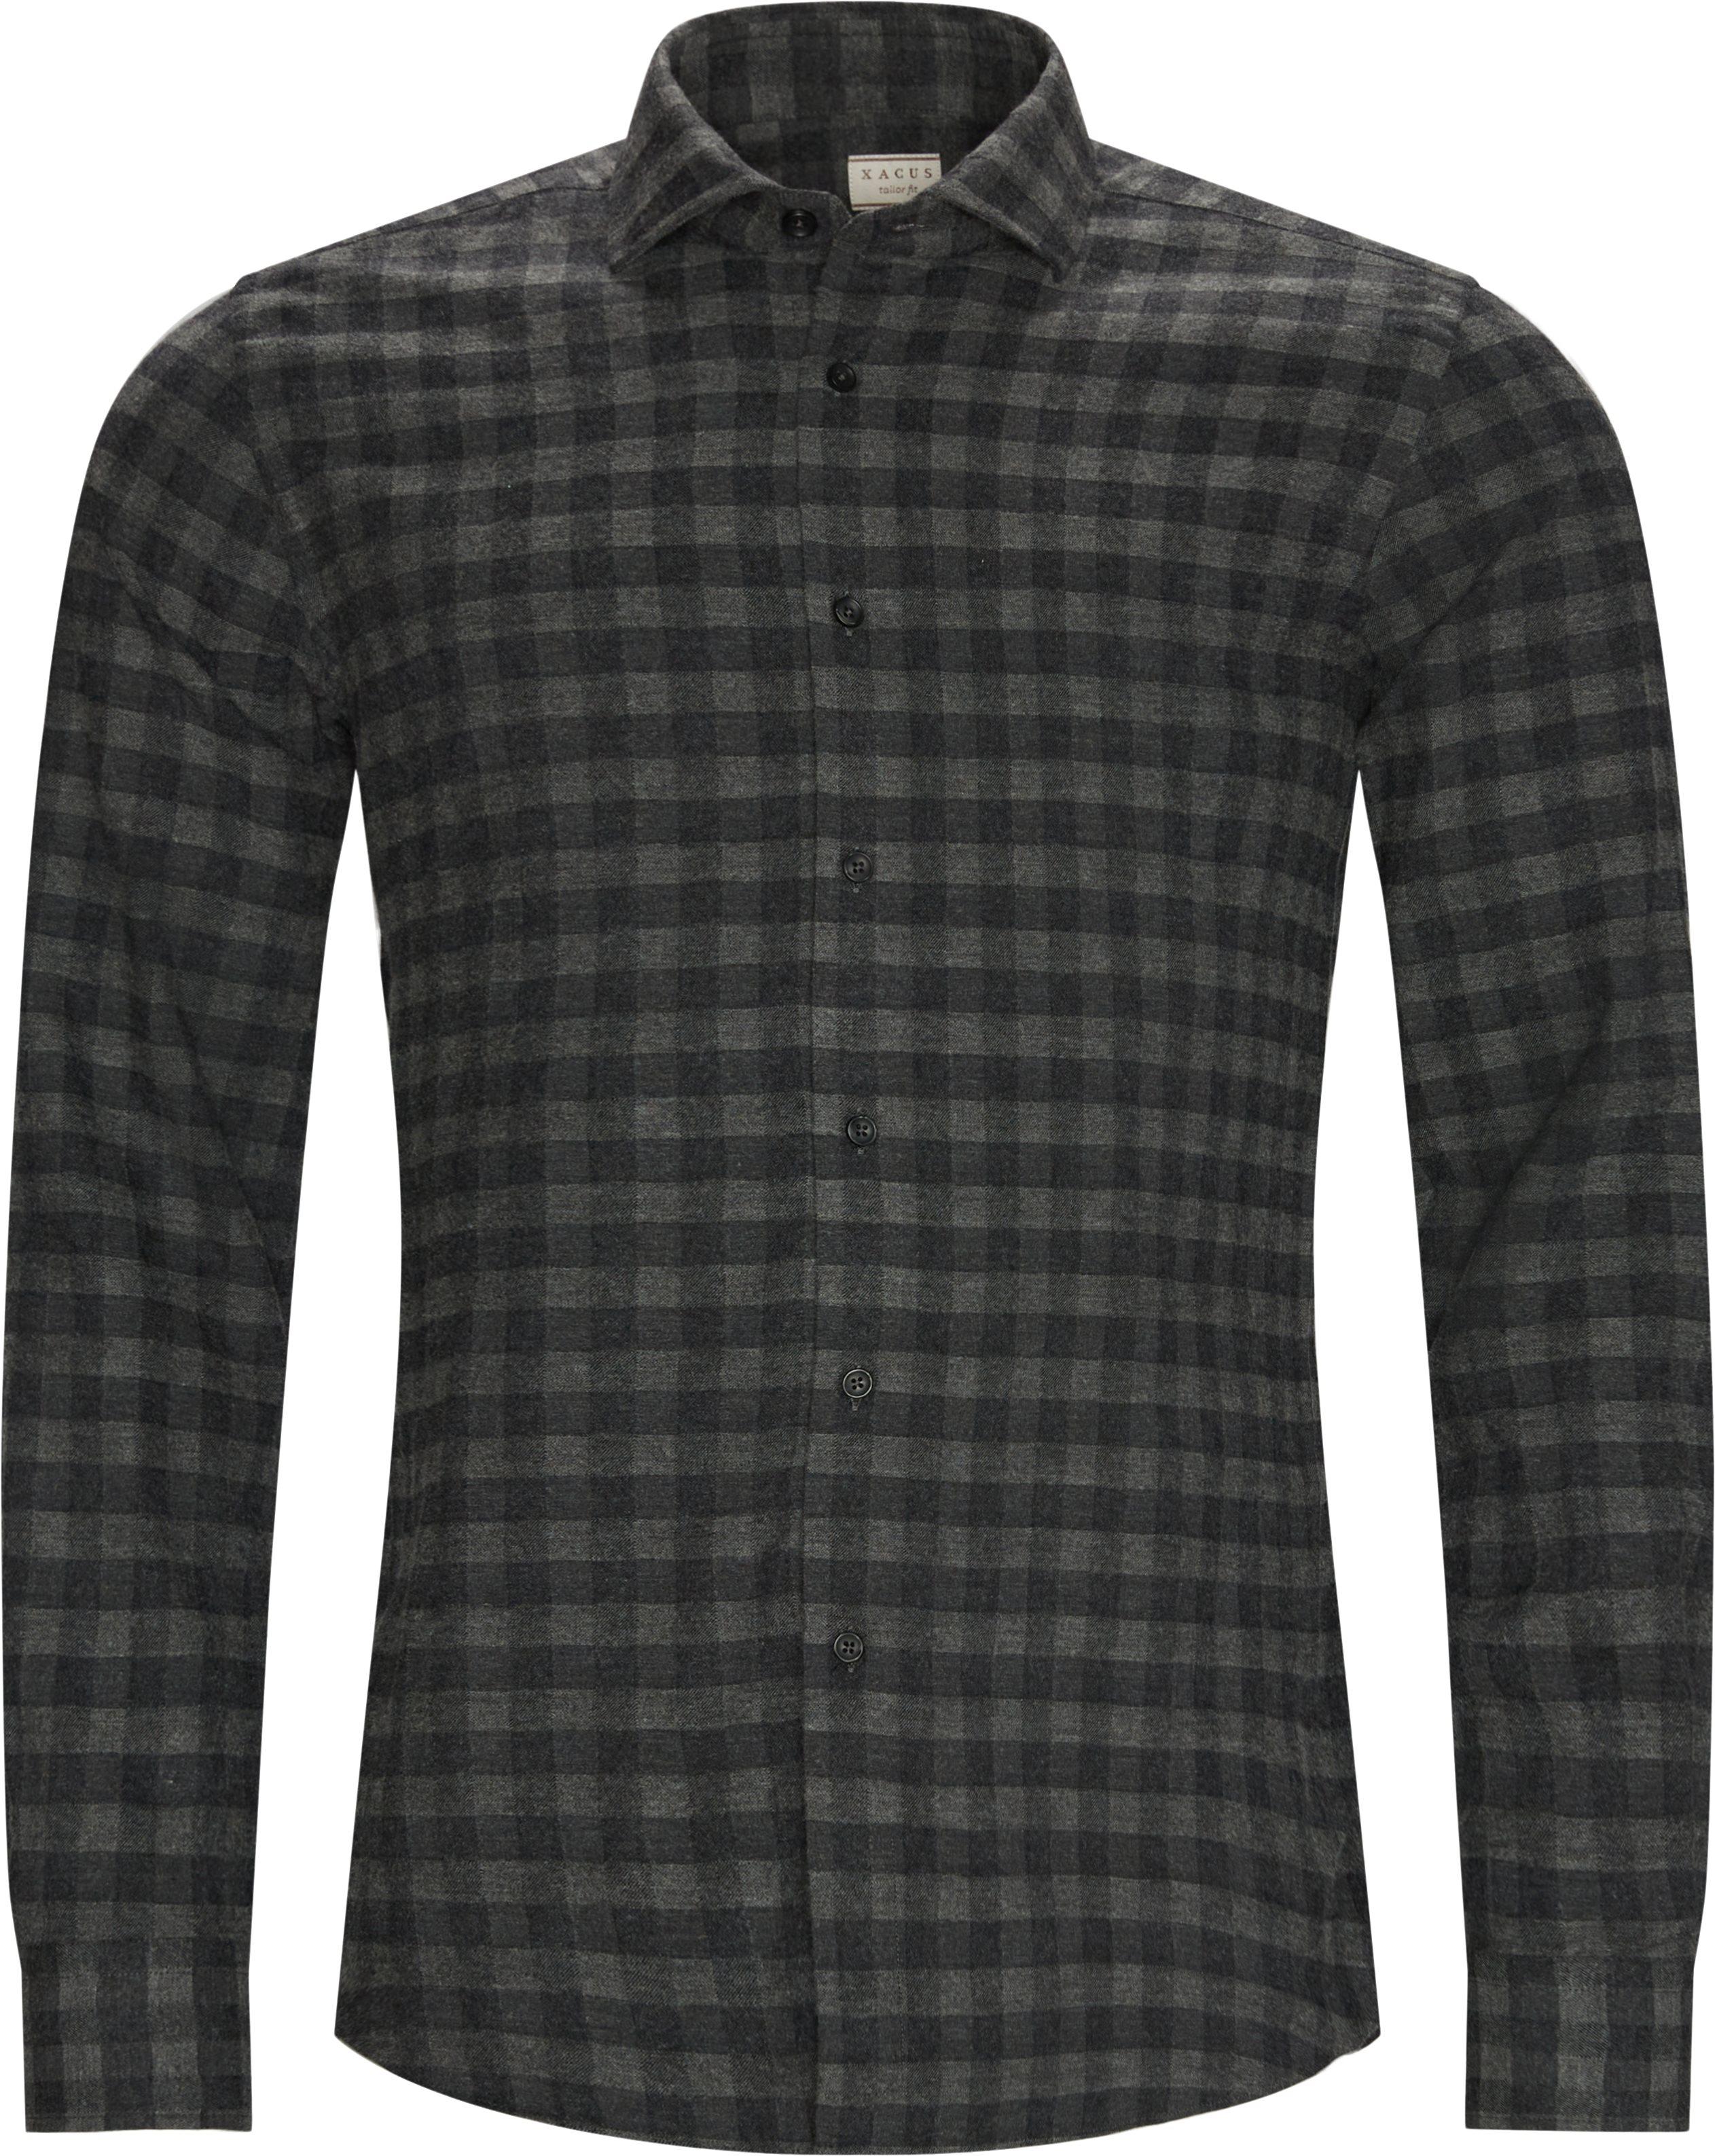 Check Shirt - Skjorter - Tailored fit - Grå